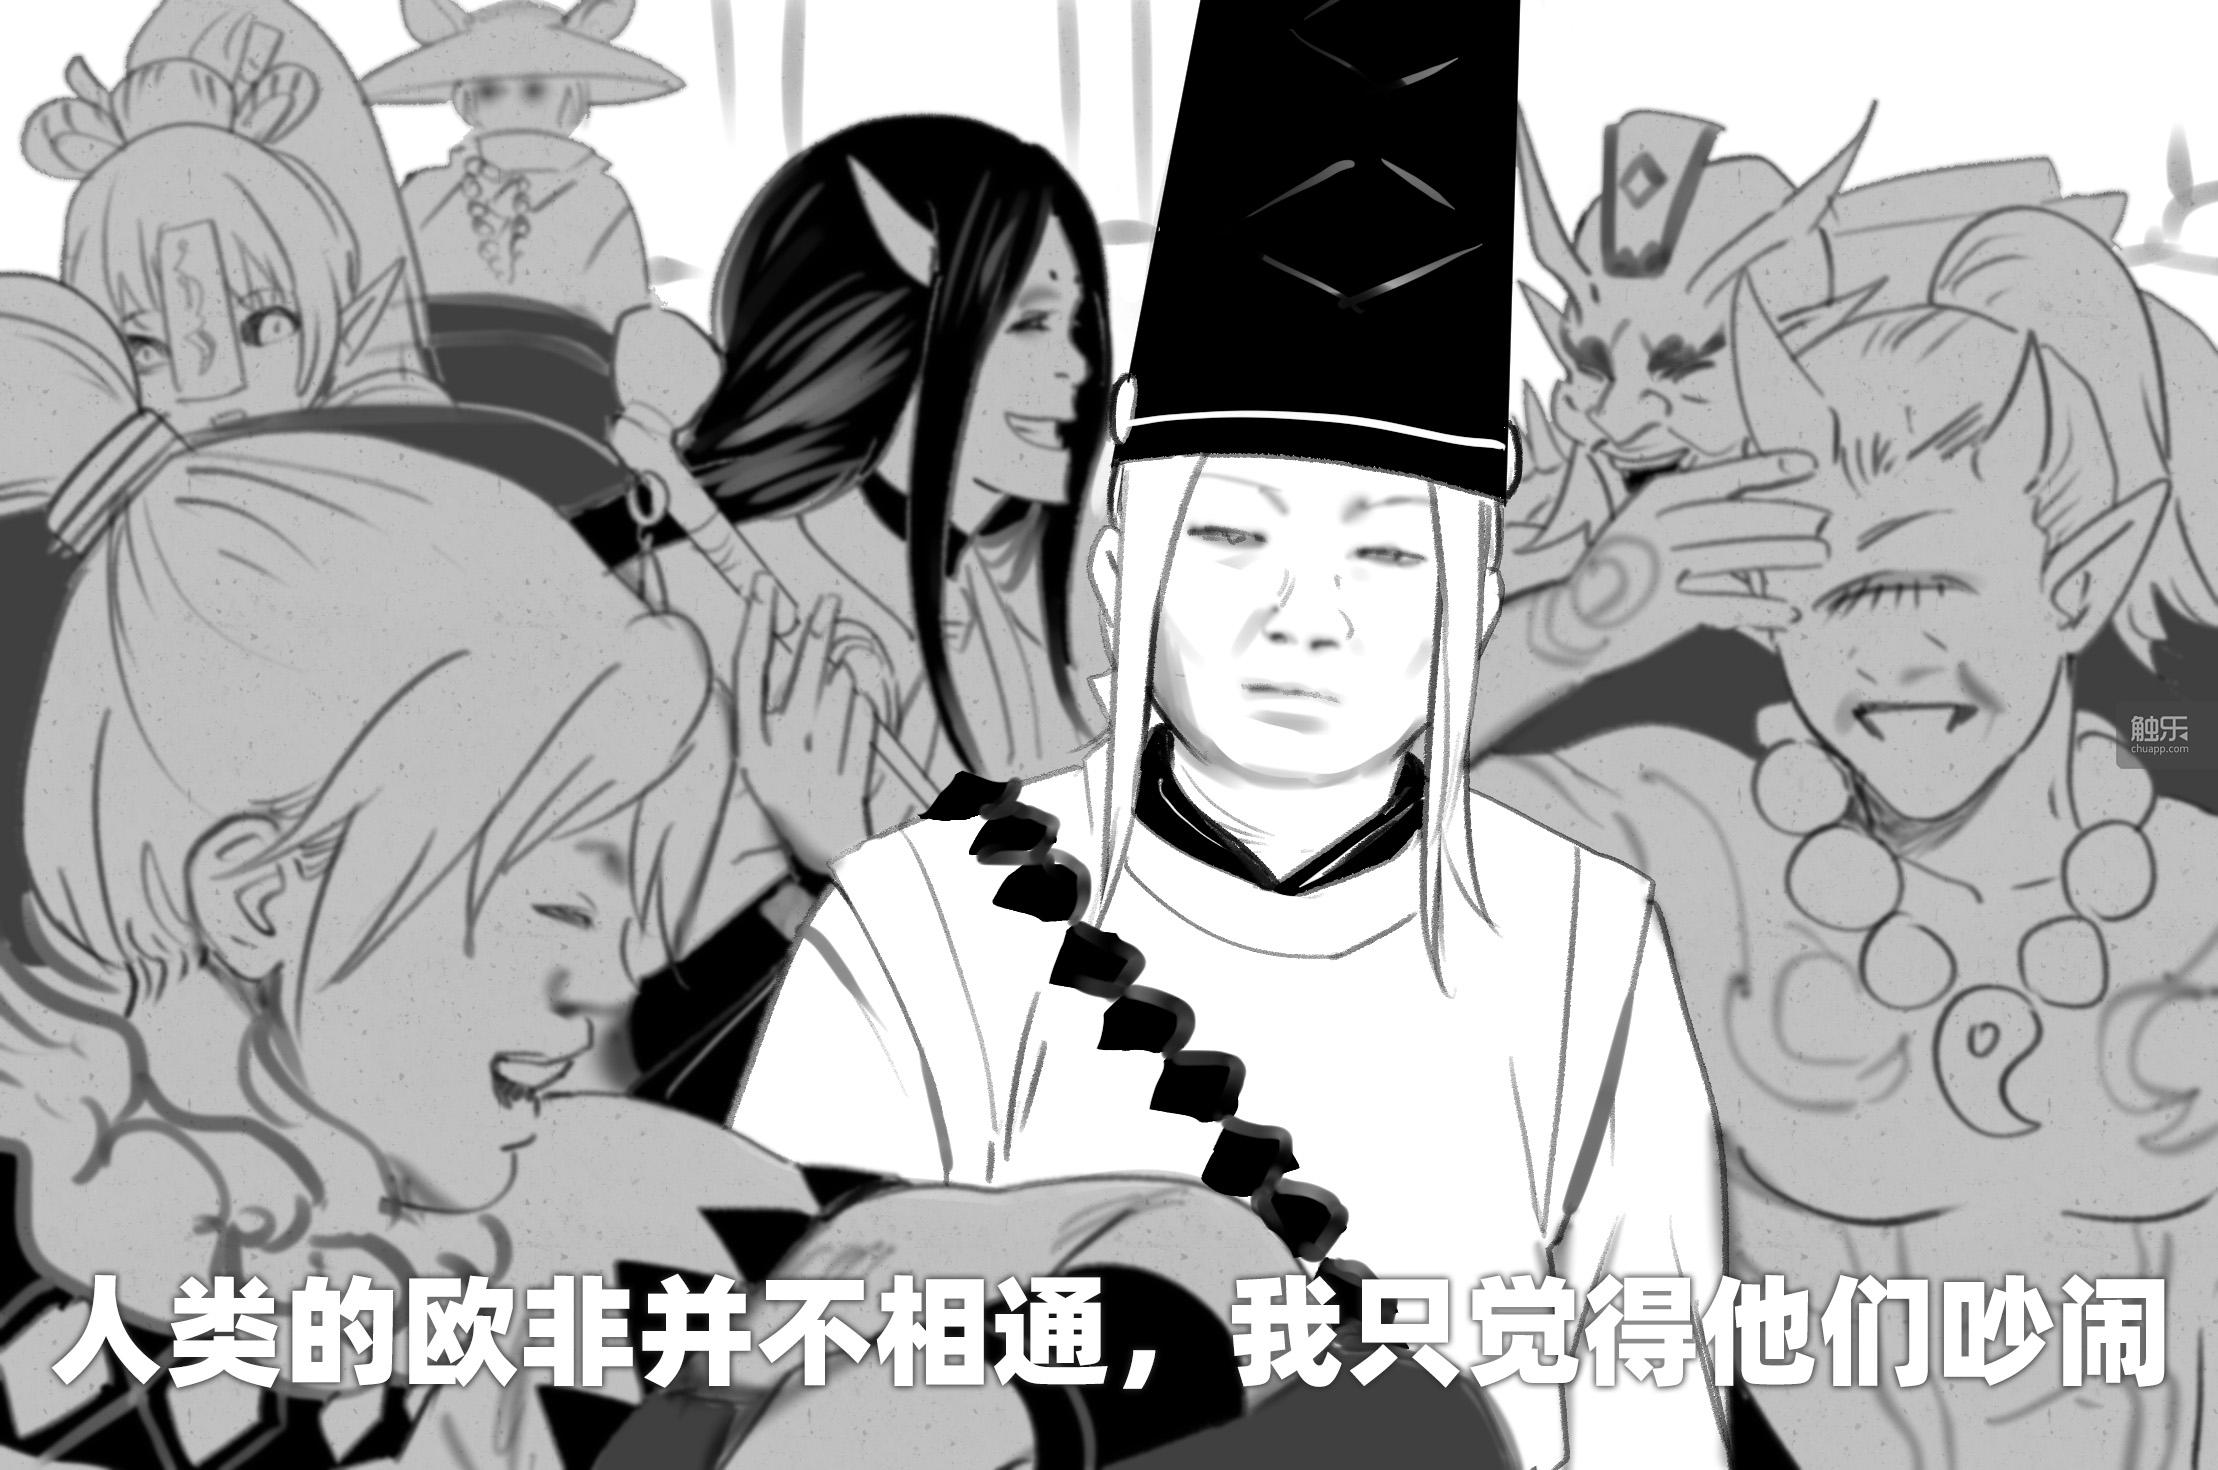 龙斗士骑士_当玩家成为IP建设者:关于《阴阳师》的3个故事-第3张图片-游戏摸鱼怪